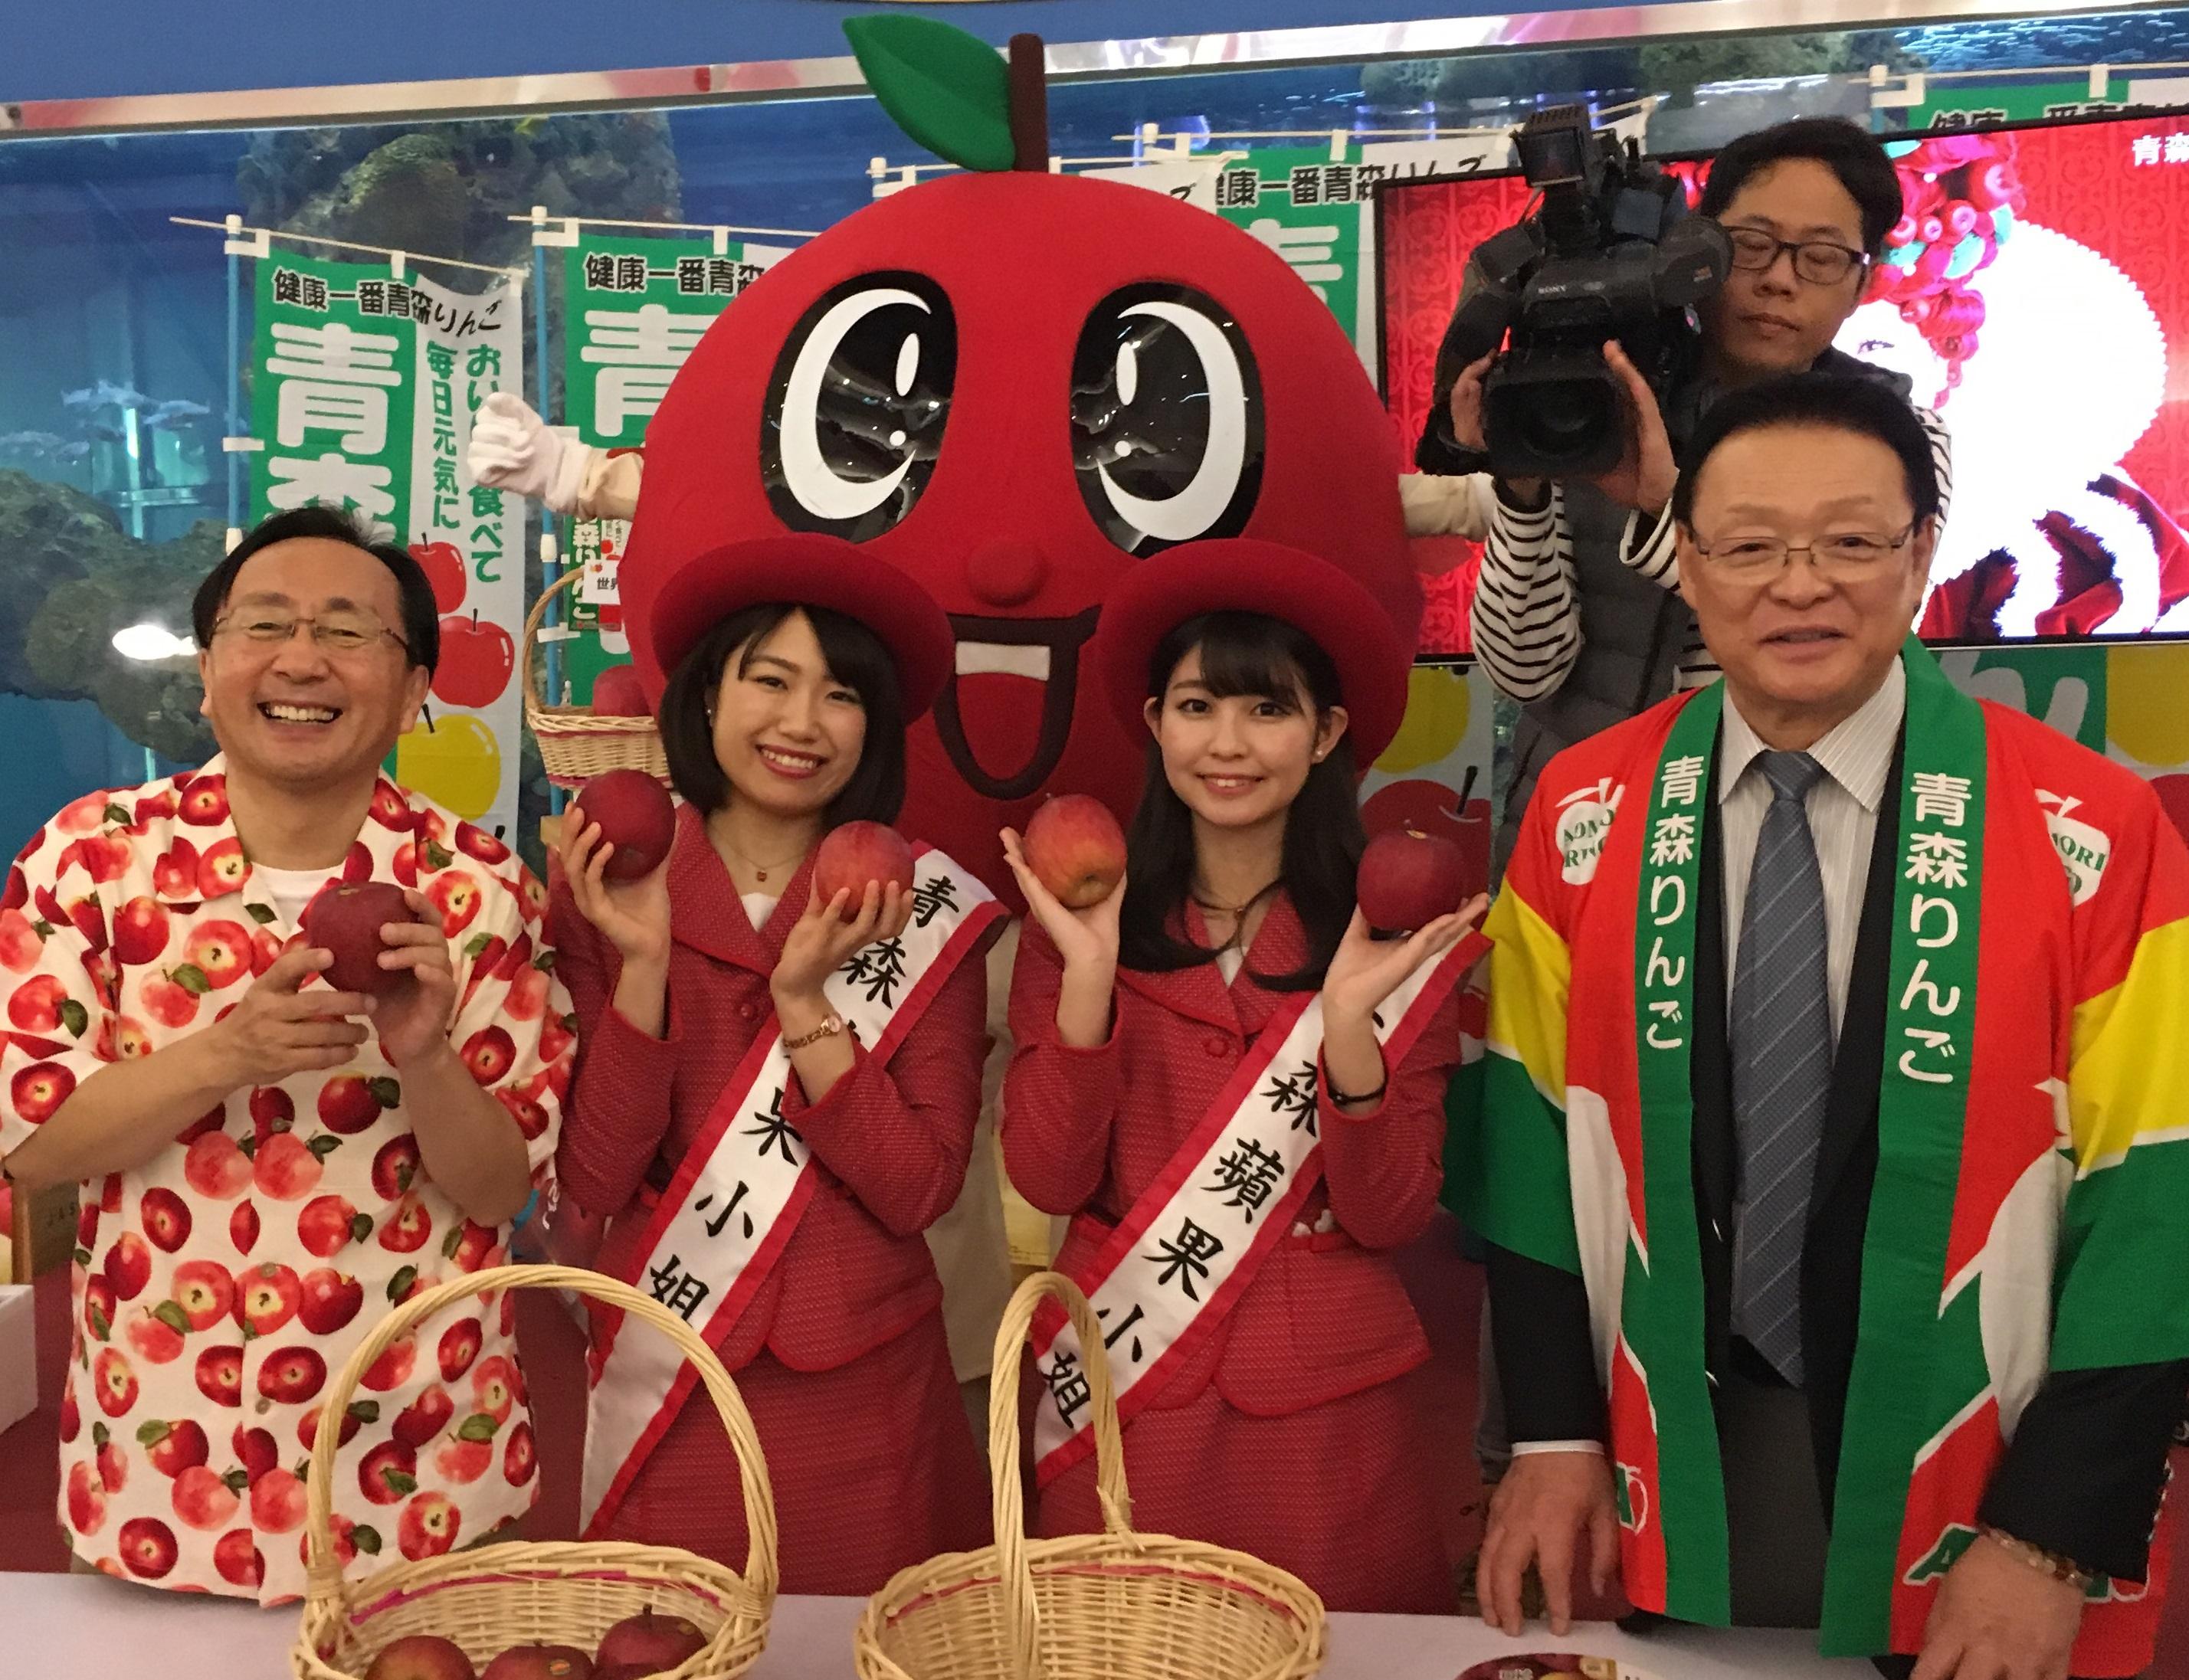 青森蘋果台灣宣傳活動計畫&蘋果小姐出席時間